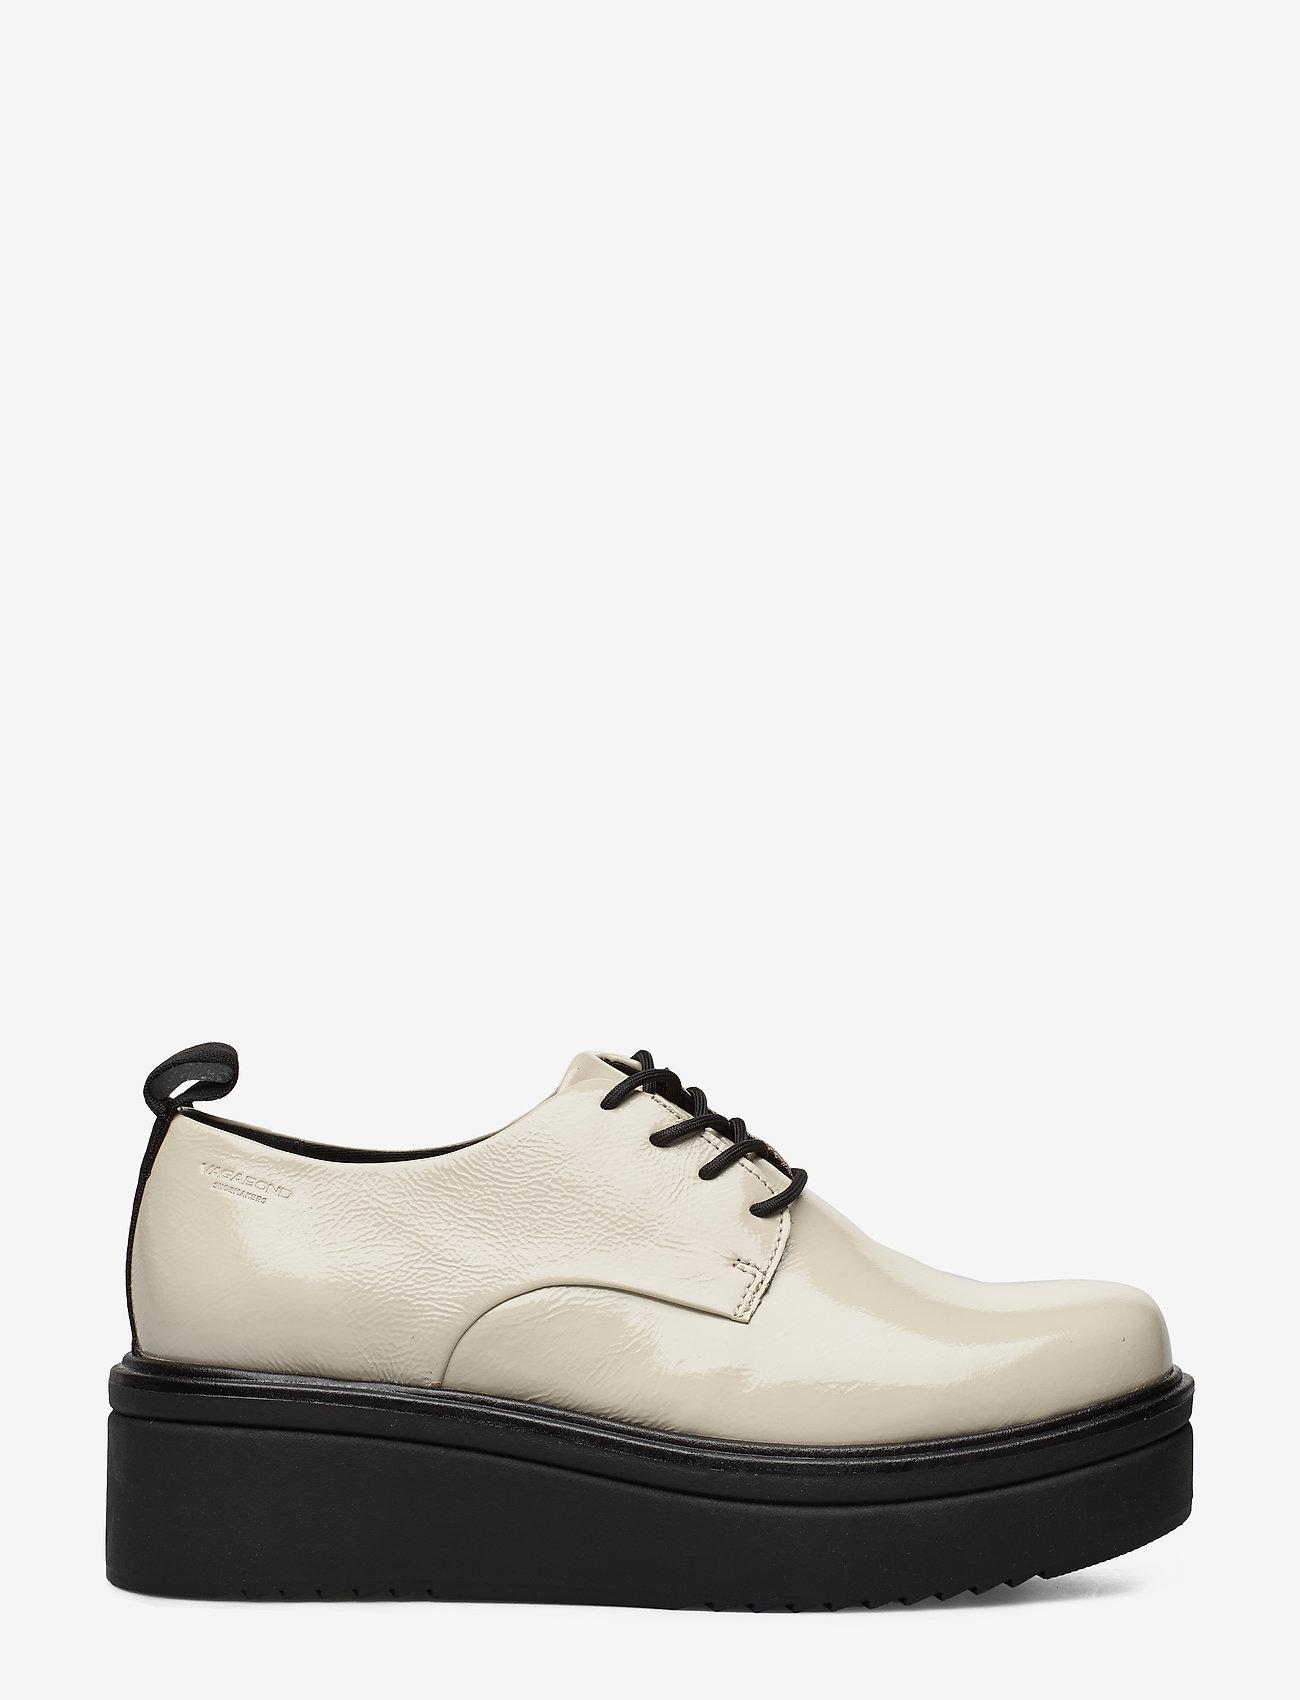 VAGABOND - TARA - buty sznurowane - off white - 1